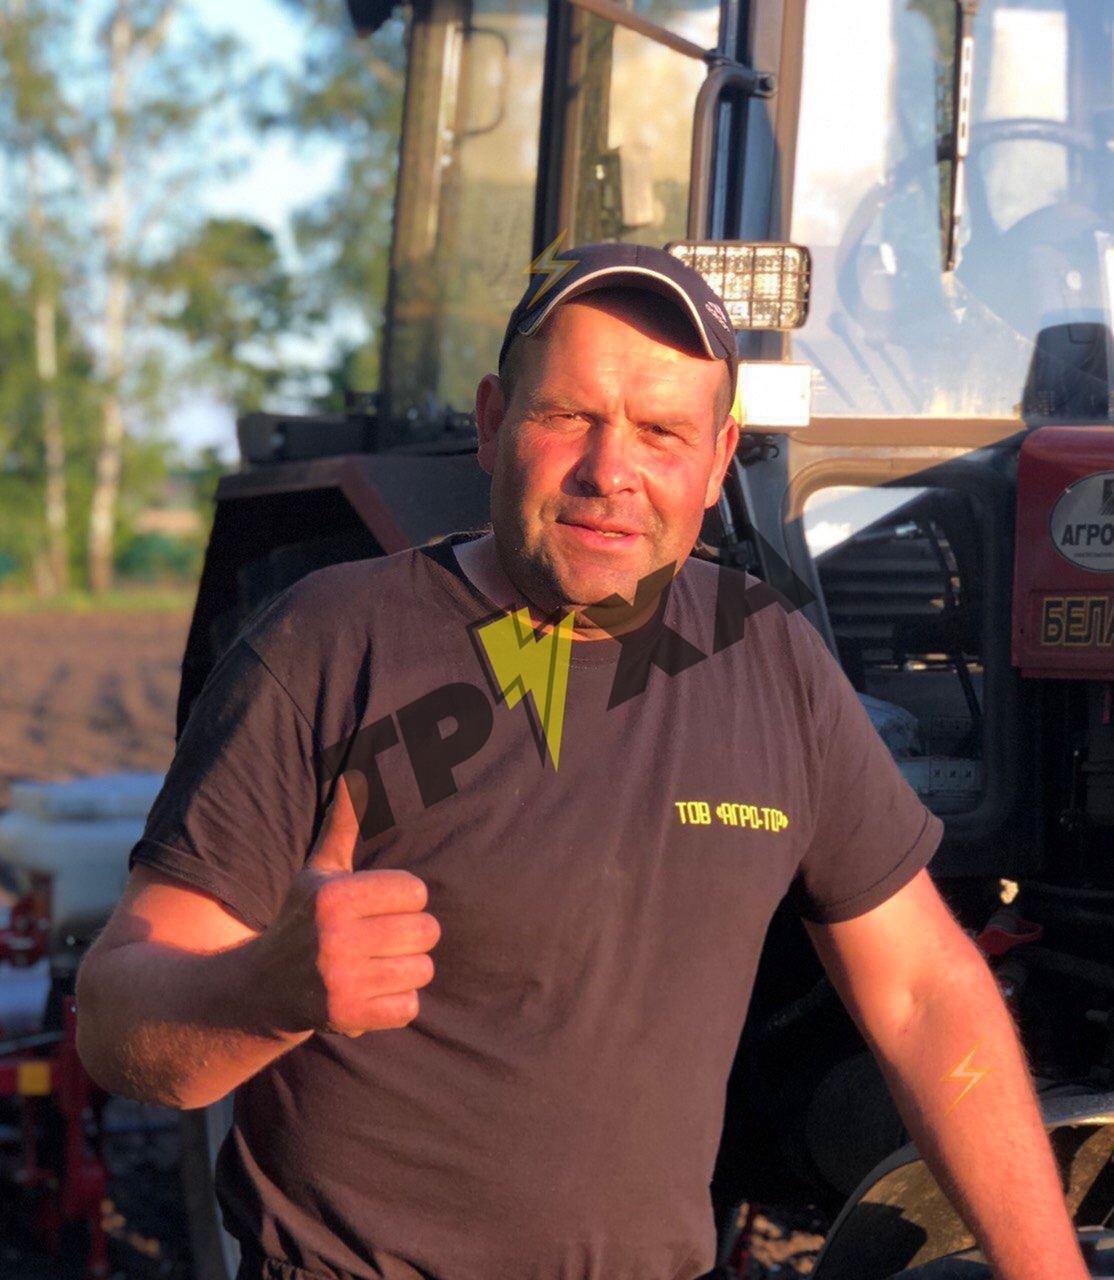 На Харьковщине тракторист спас 20 жилых домов от огня, фото-1